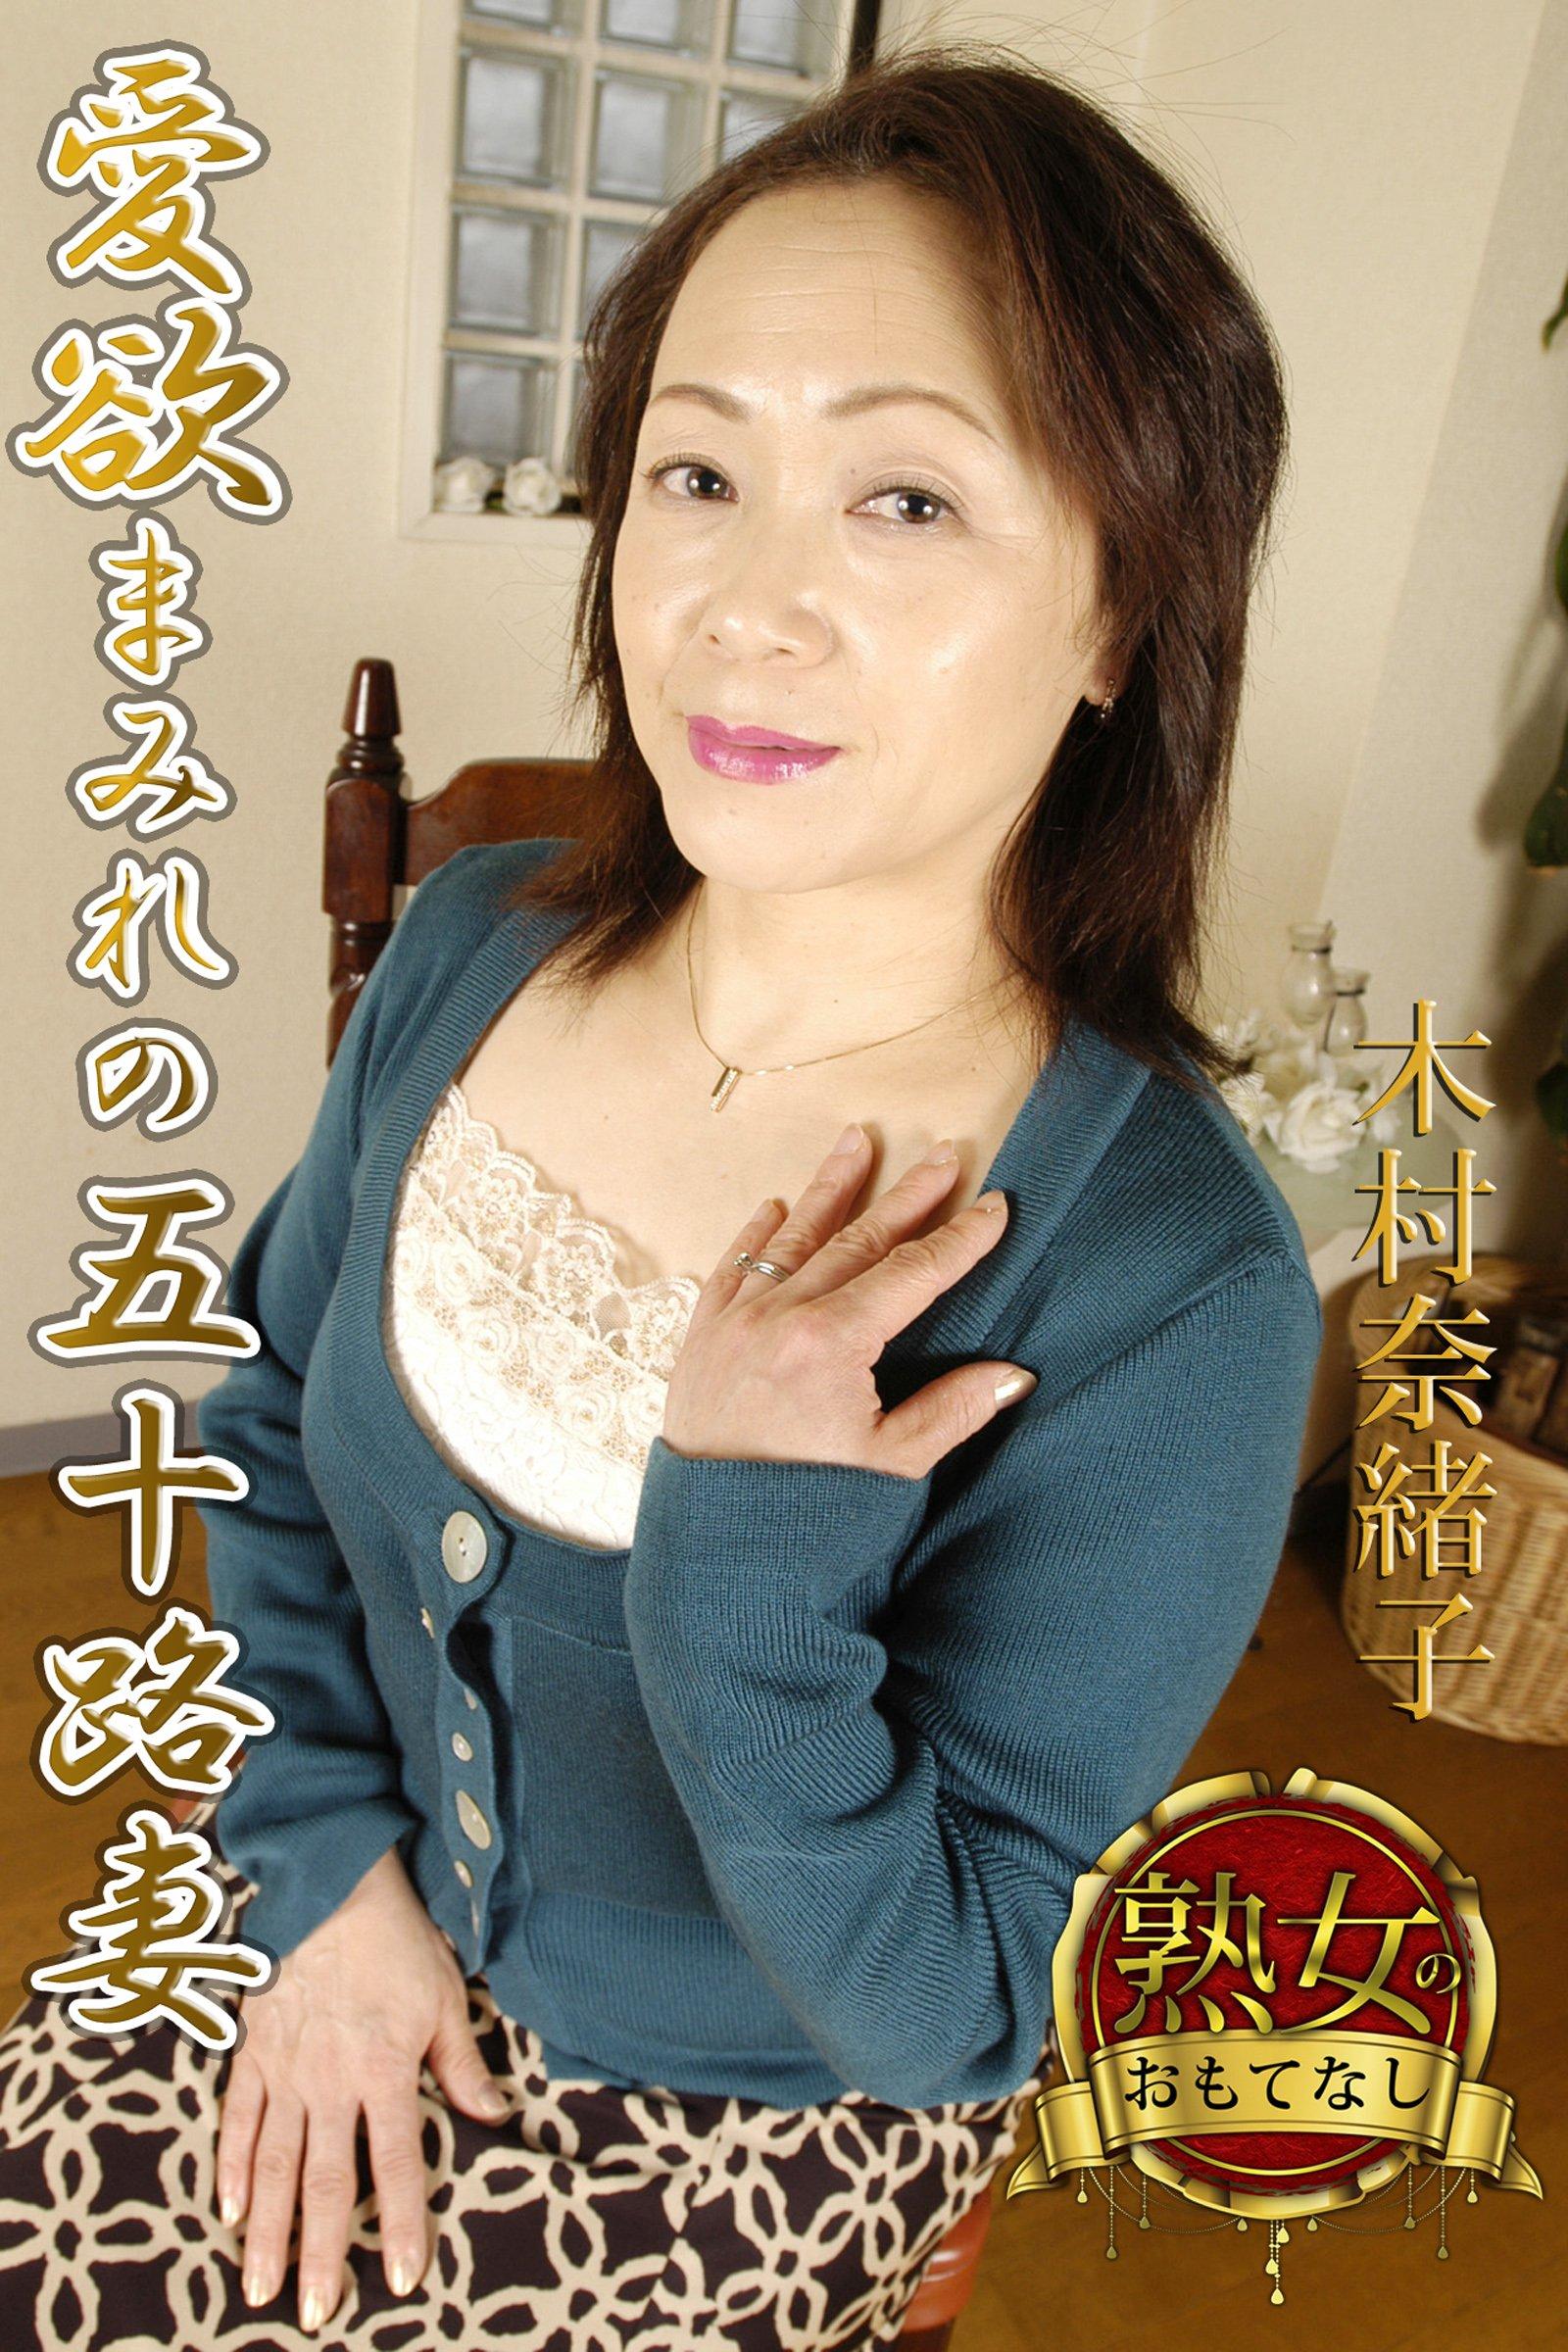 【熟女のおもてなし】愛欲まみれの五十路妻 木村奈緒子